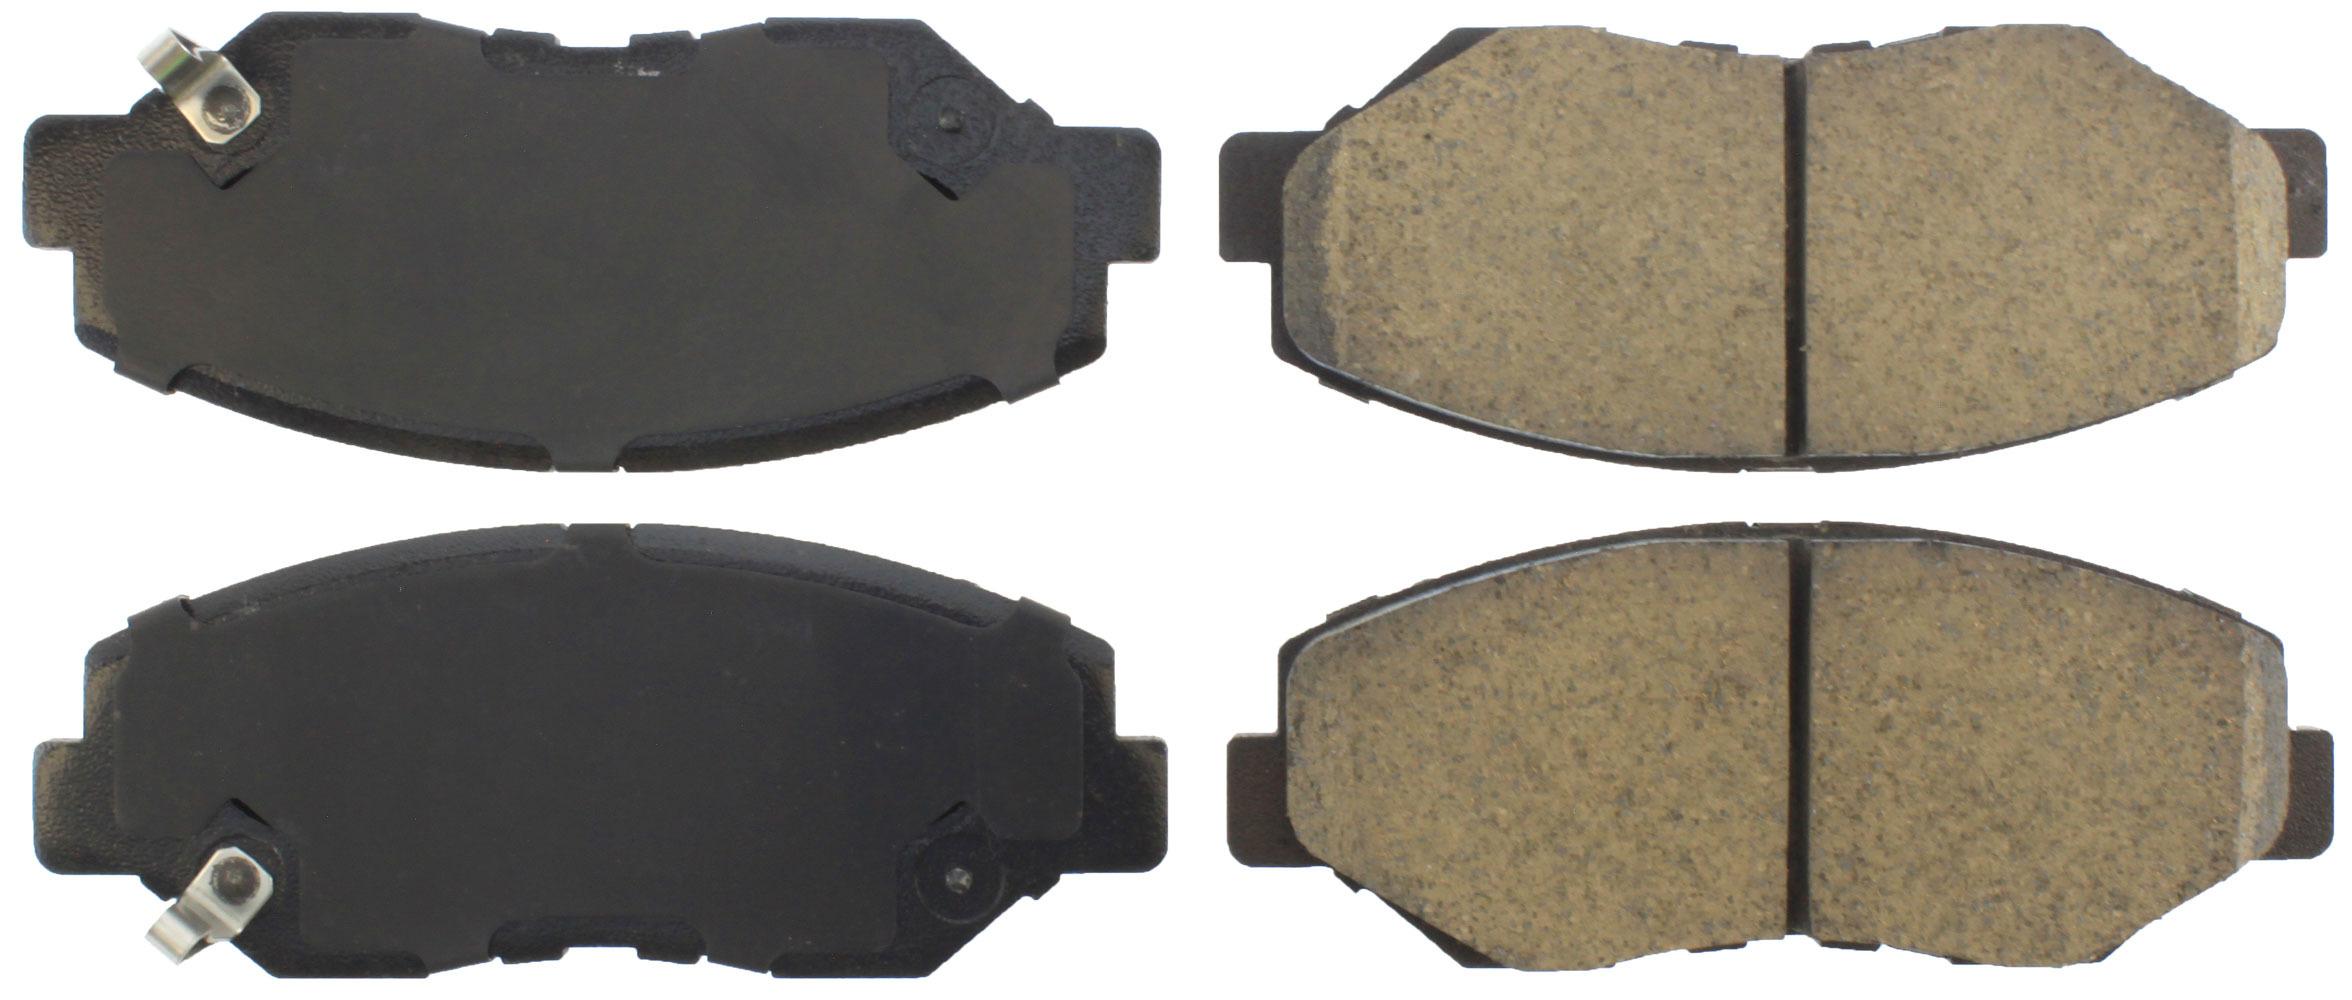 Centric Brake Parts 105.09140 Brake Pads, Posi-Quiet, Ceramic, Acura / Honda 2013-17, Set of 4